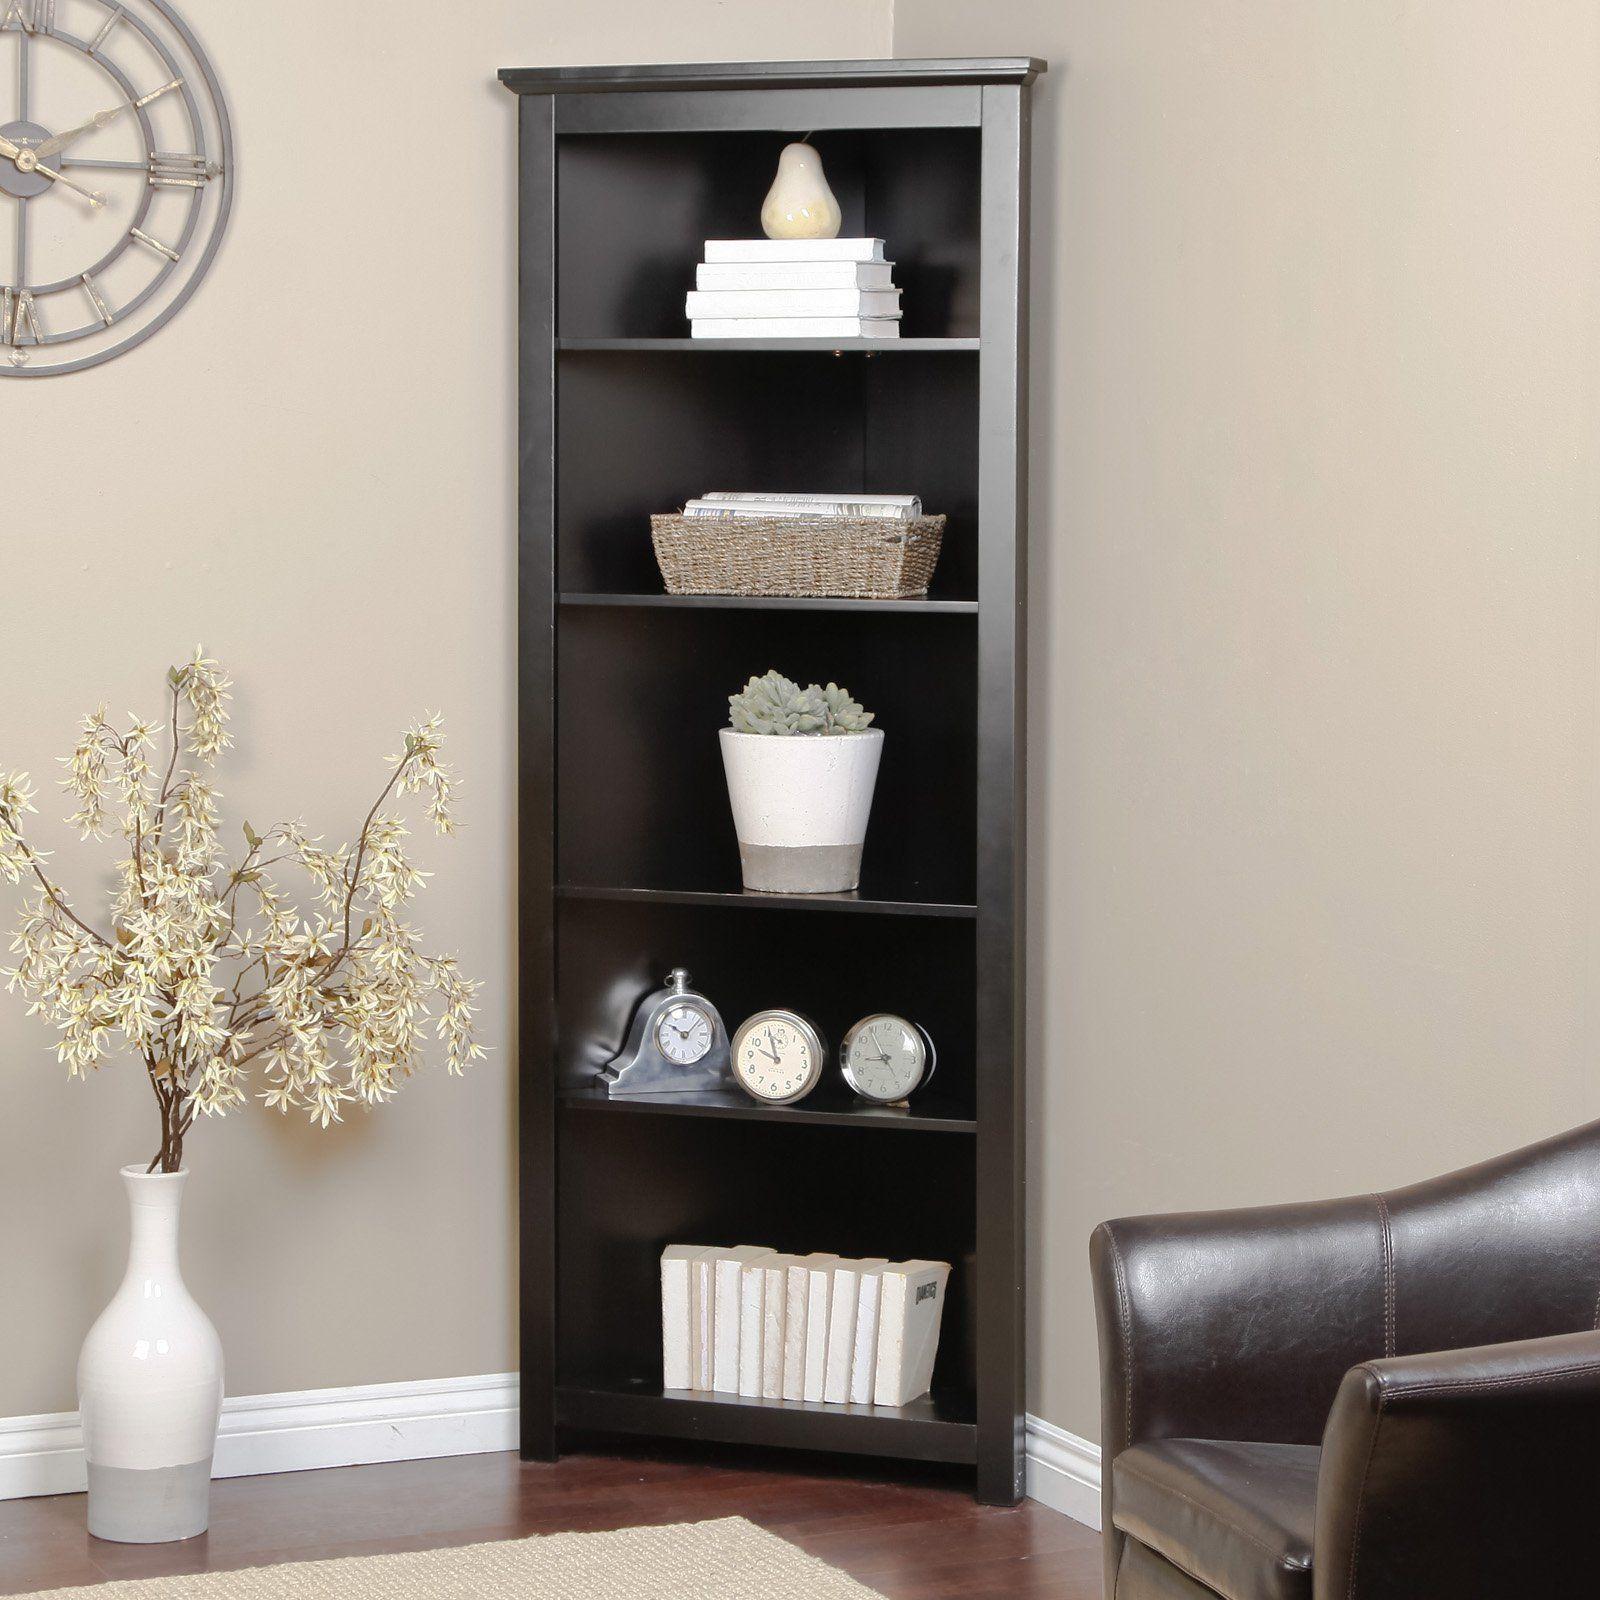 Use Free Standing Shelving For Corner Bookshelf With Color Black Bookshelf For Narrow Bookshe Corner Cabinet Living Room Corner Bookshelves Tall Corner Cabinet